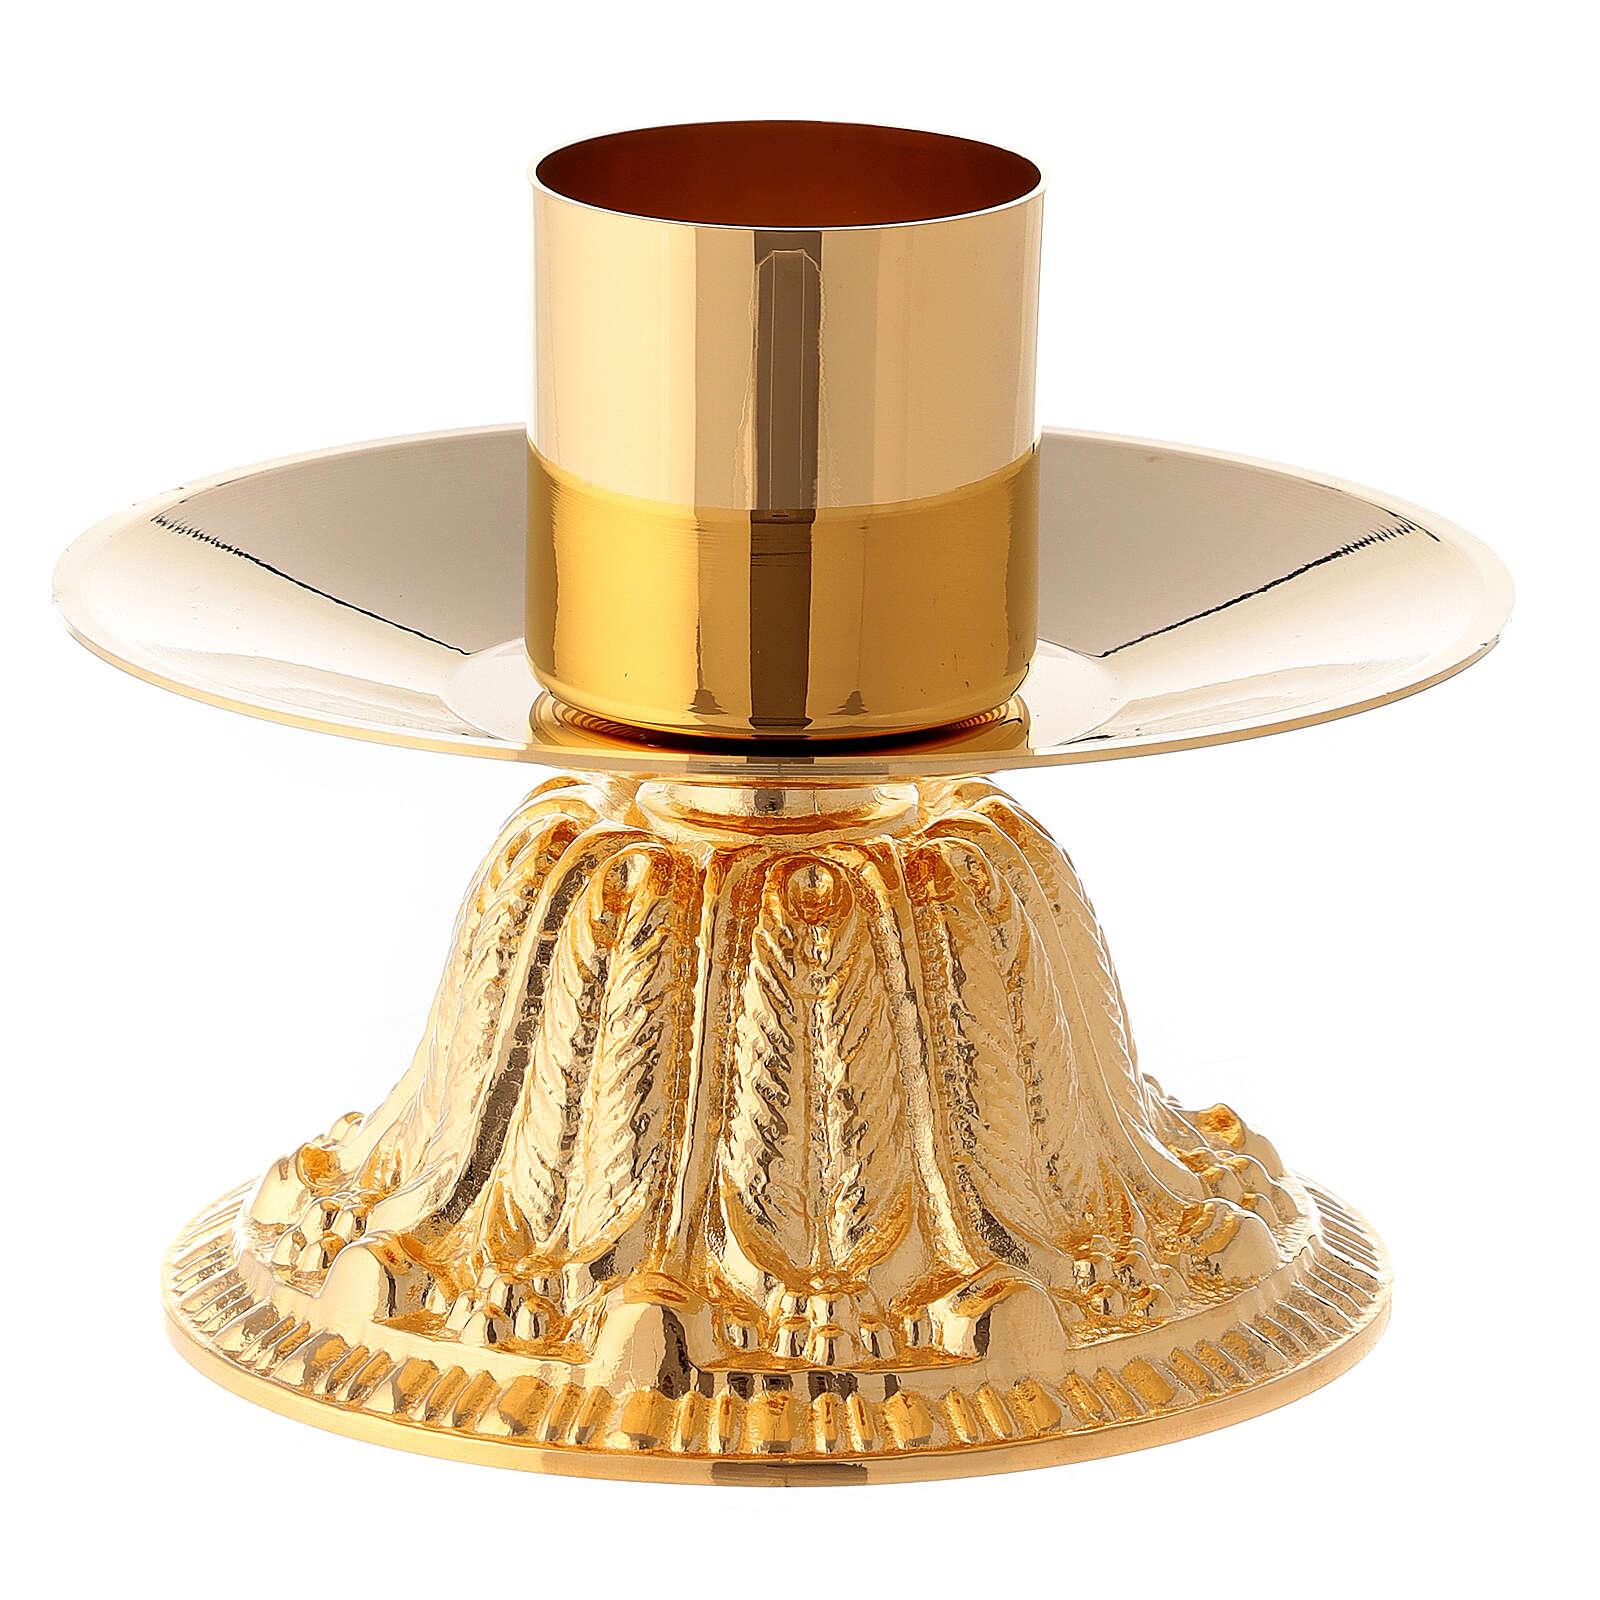 Croce da altare con candelieri base fiorata ottone 4